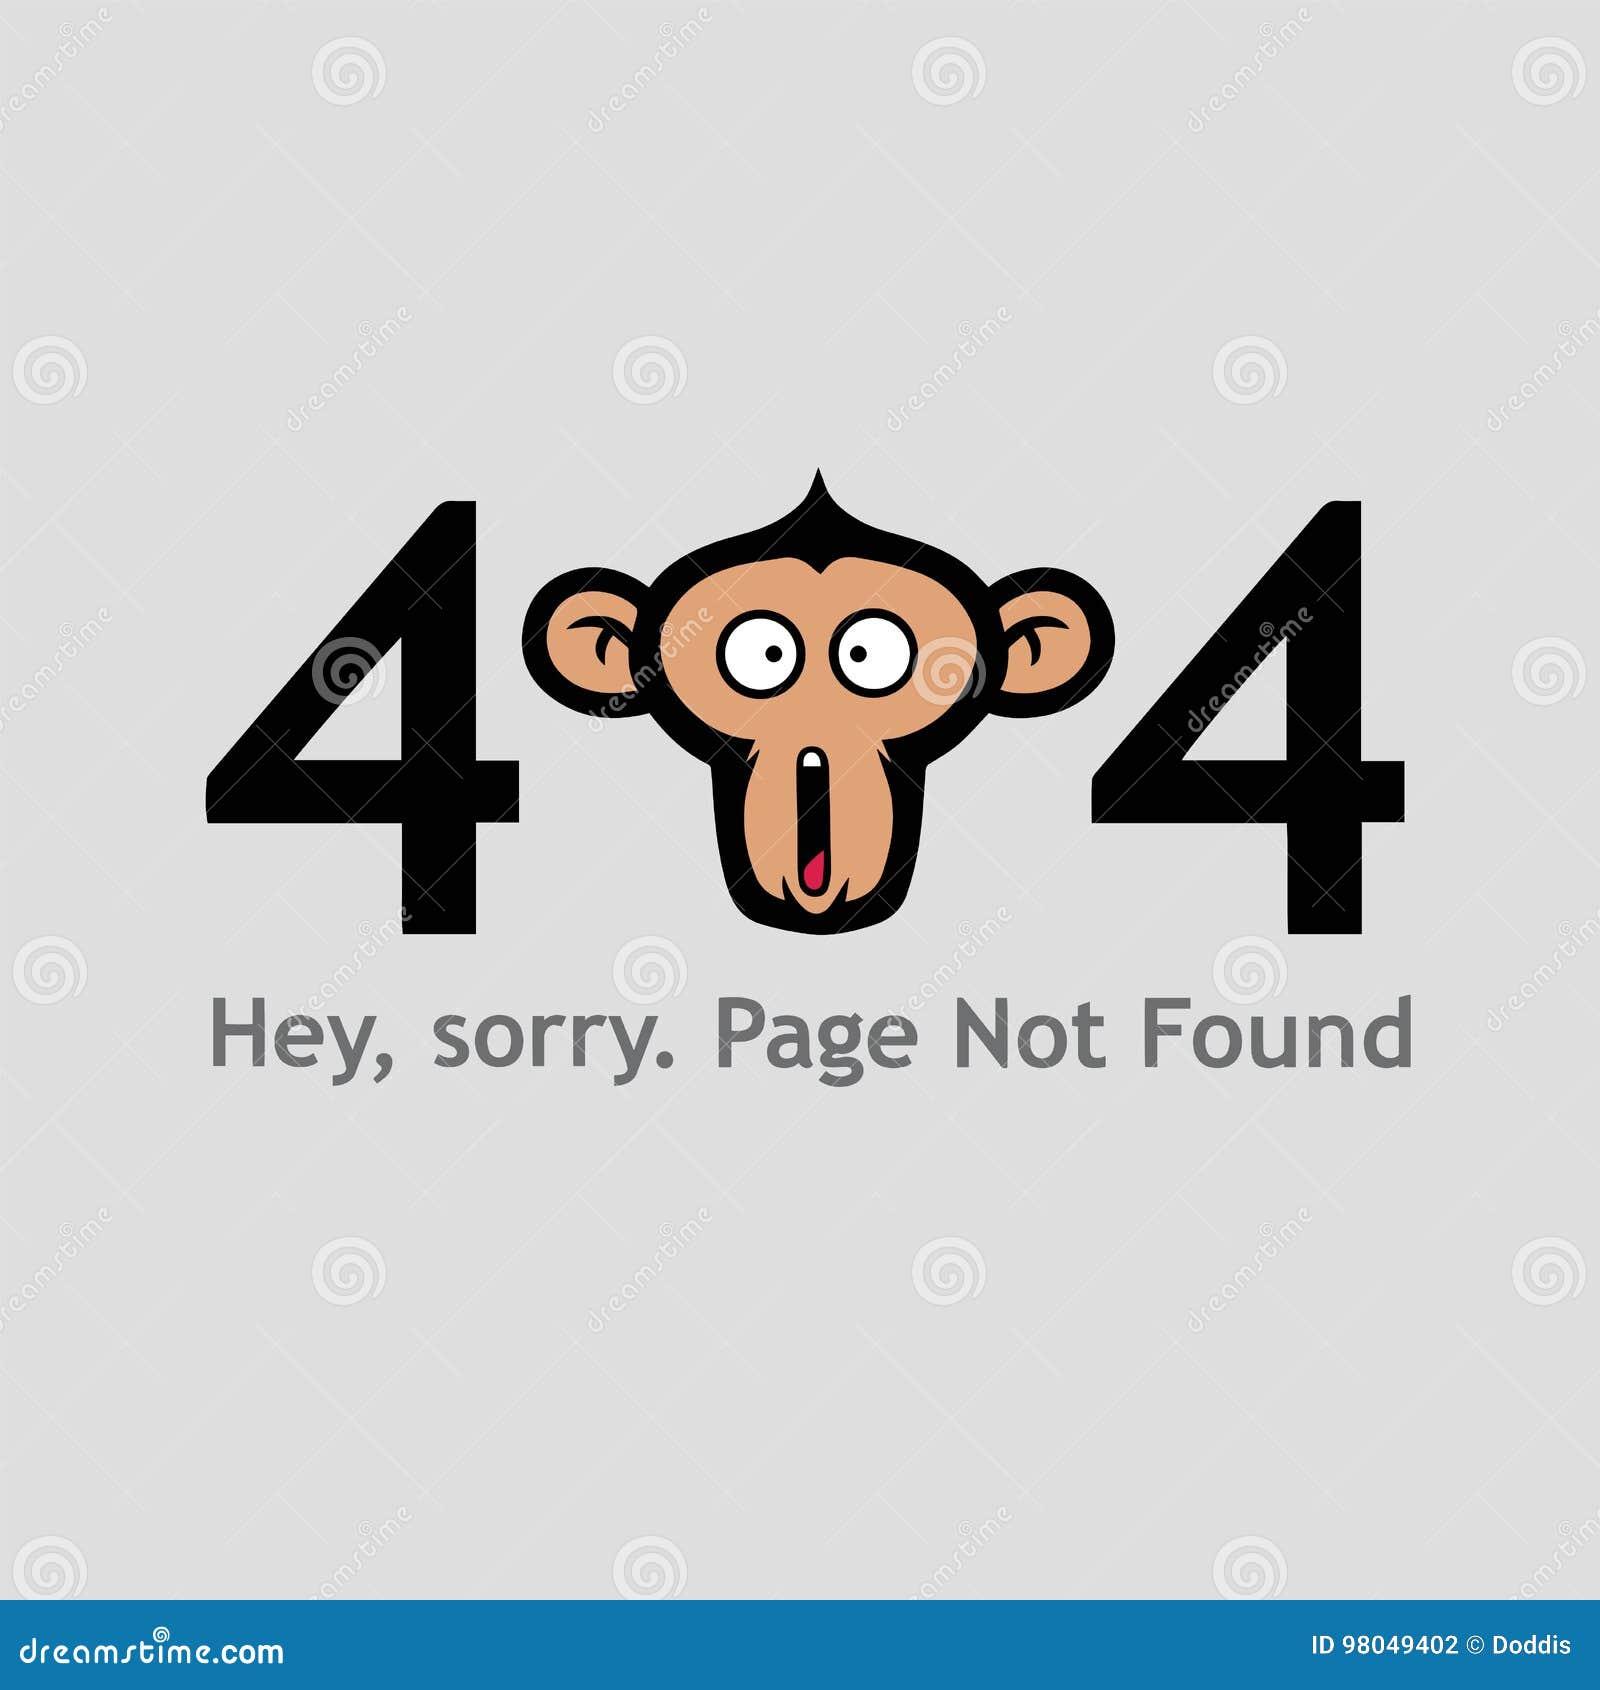 Страница 404 не найденная с шаблоном вектора иллюстрации стороны обезьяны кричащим